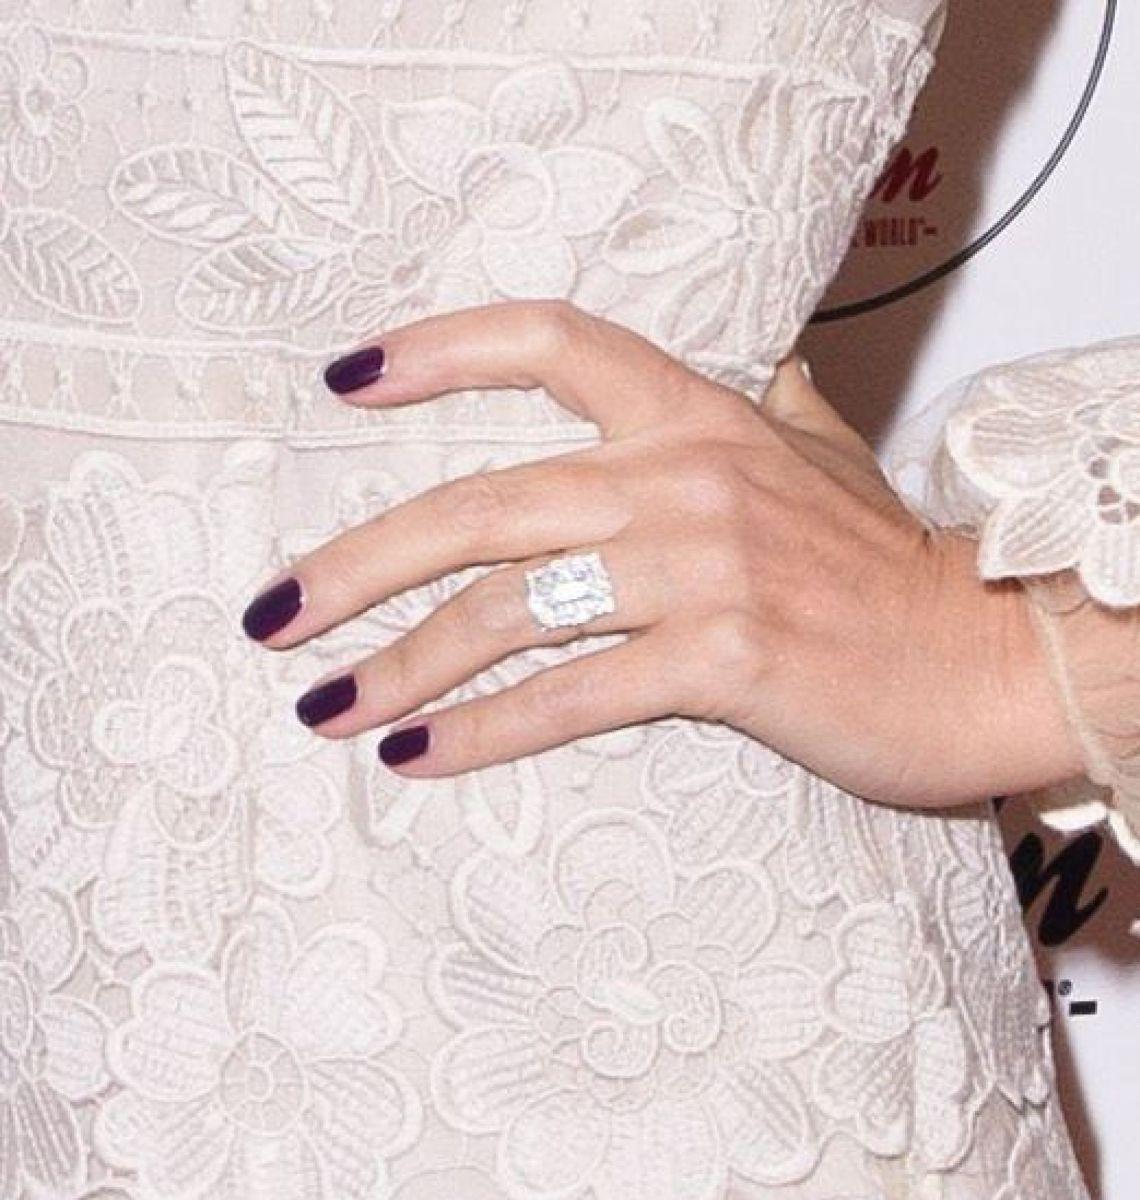 47-летняя Кайли Миноуг выходит замуж за своего 27-летнего возлюбленного